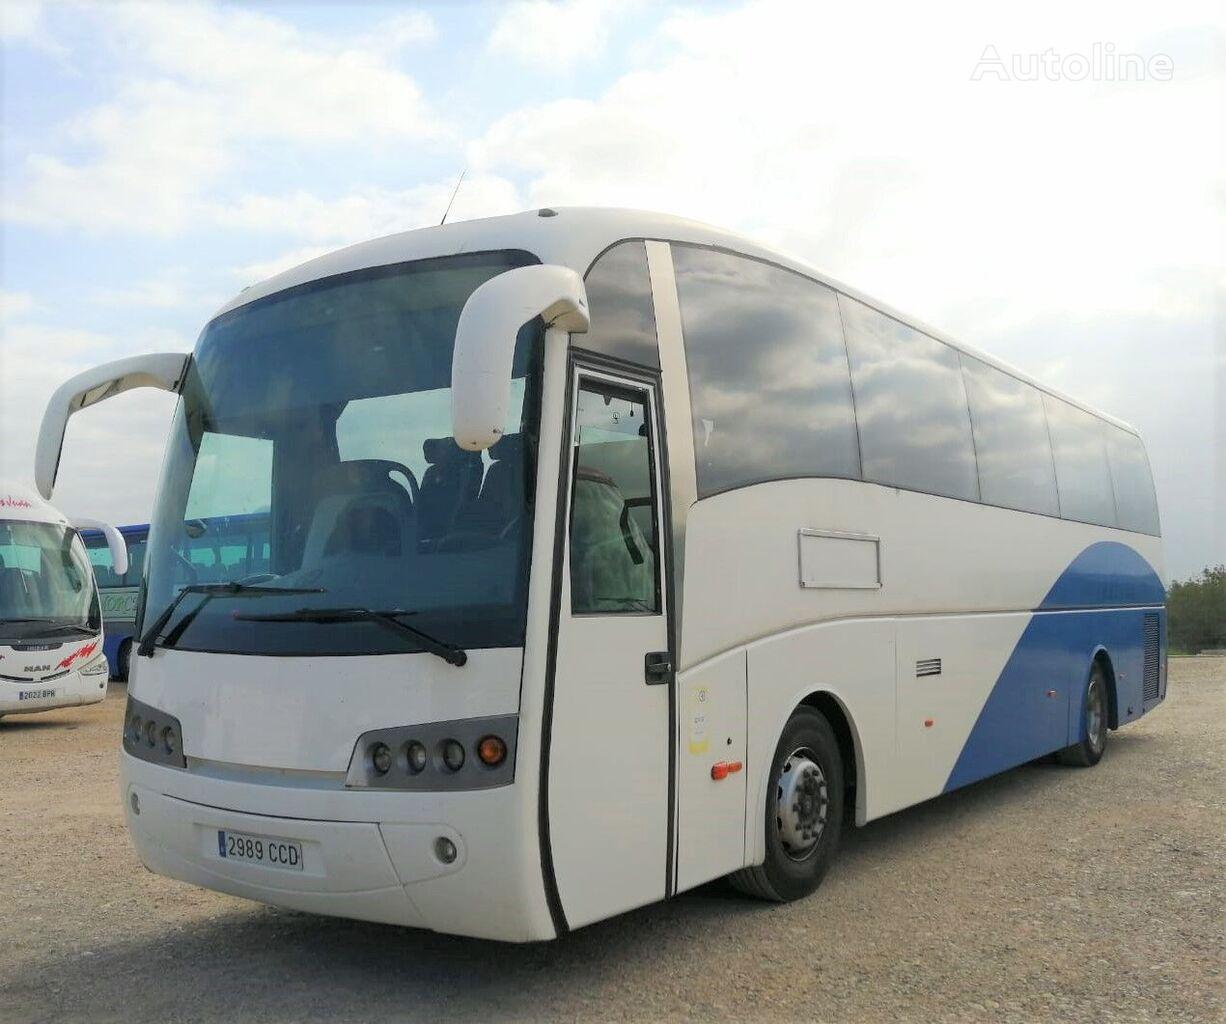 autobús de turismo IVECO  EURORIDER D-43 SRI - SIDERAL +430 CV +WC